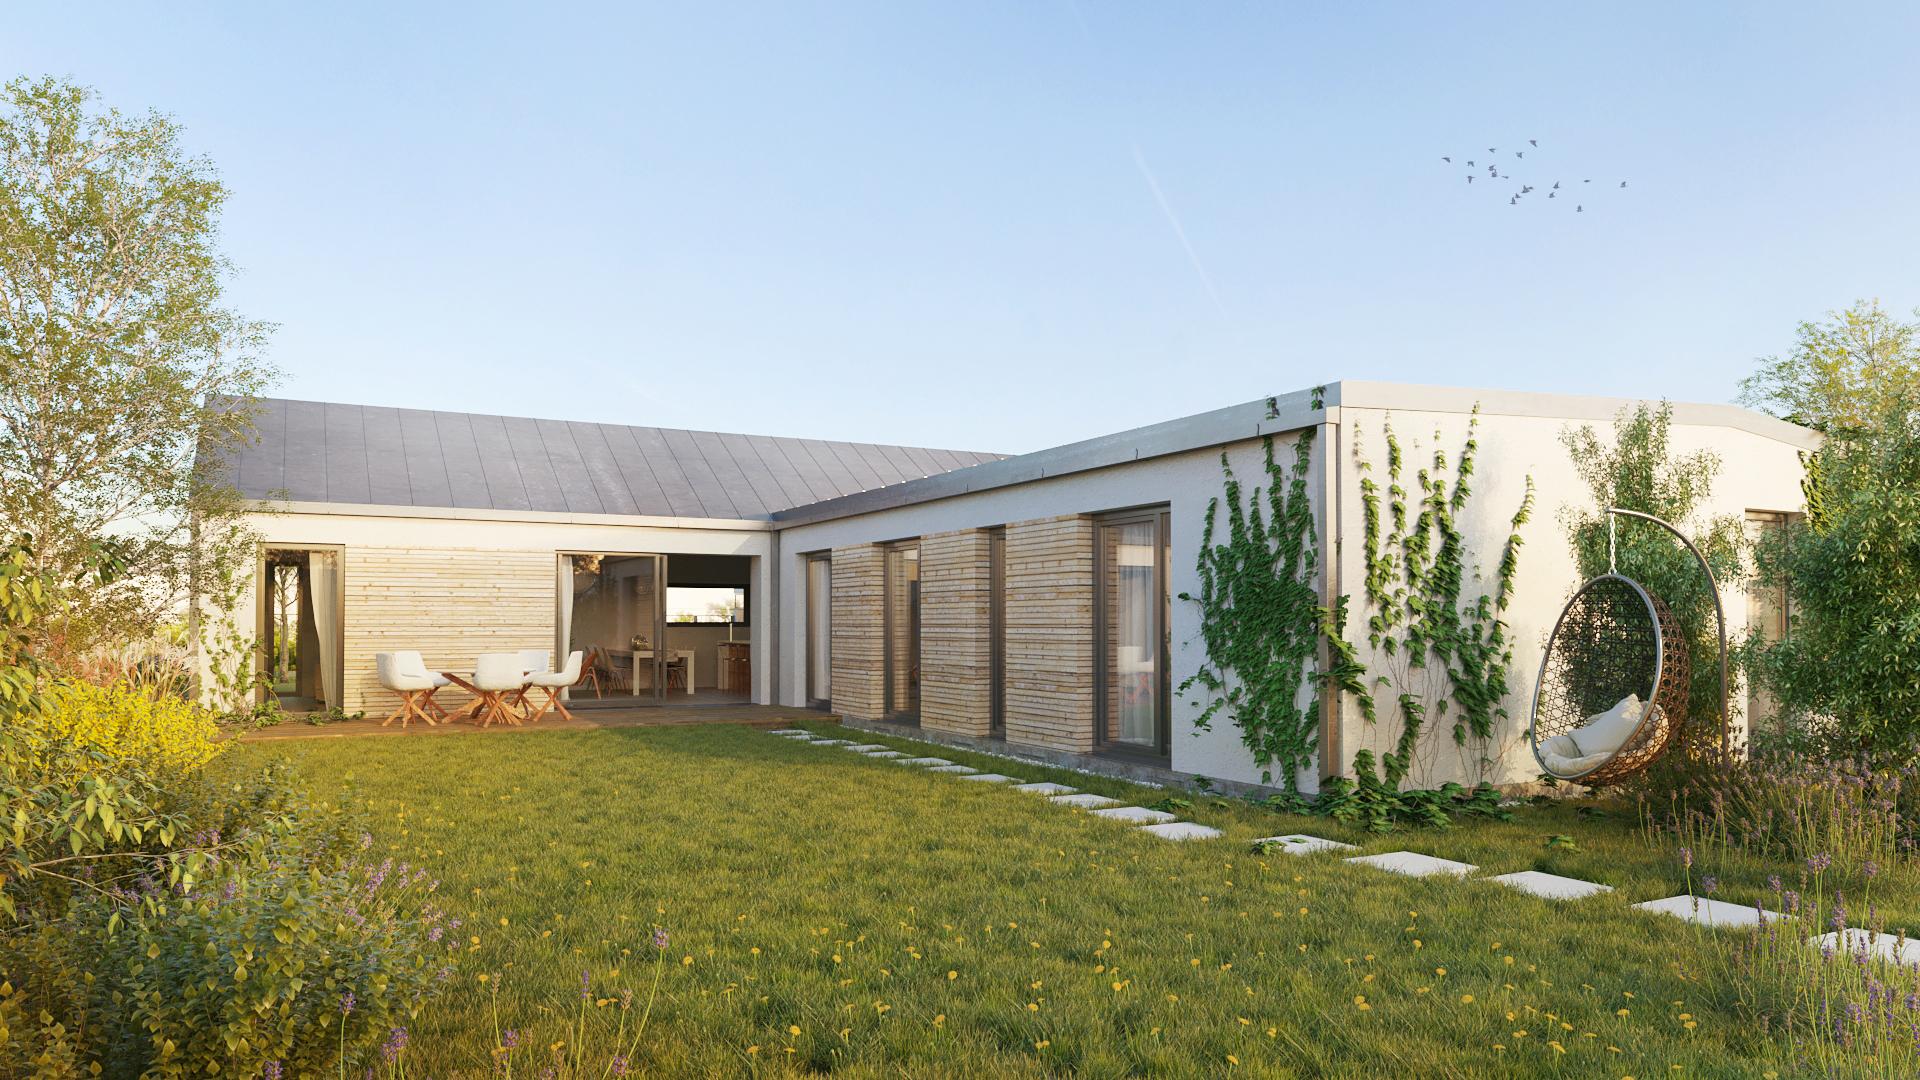 Projekty domů zdarma